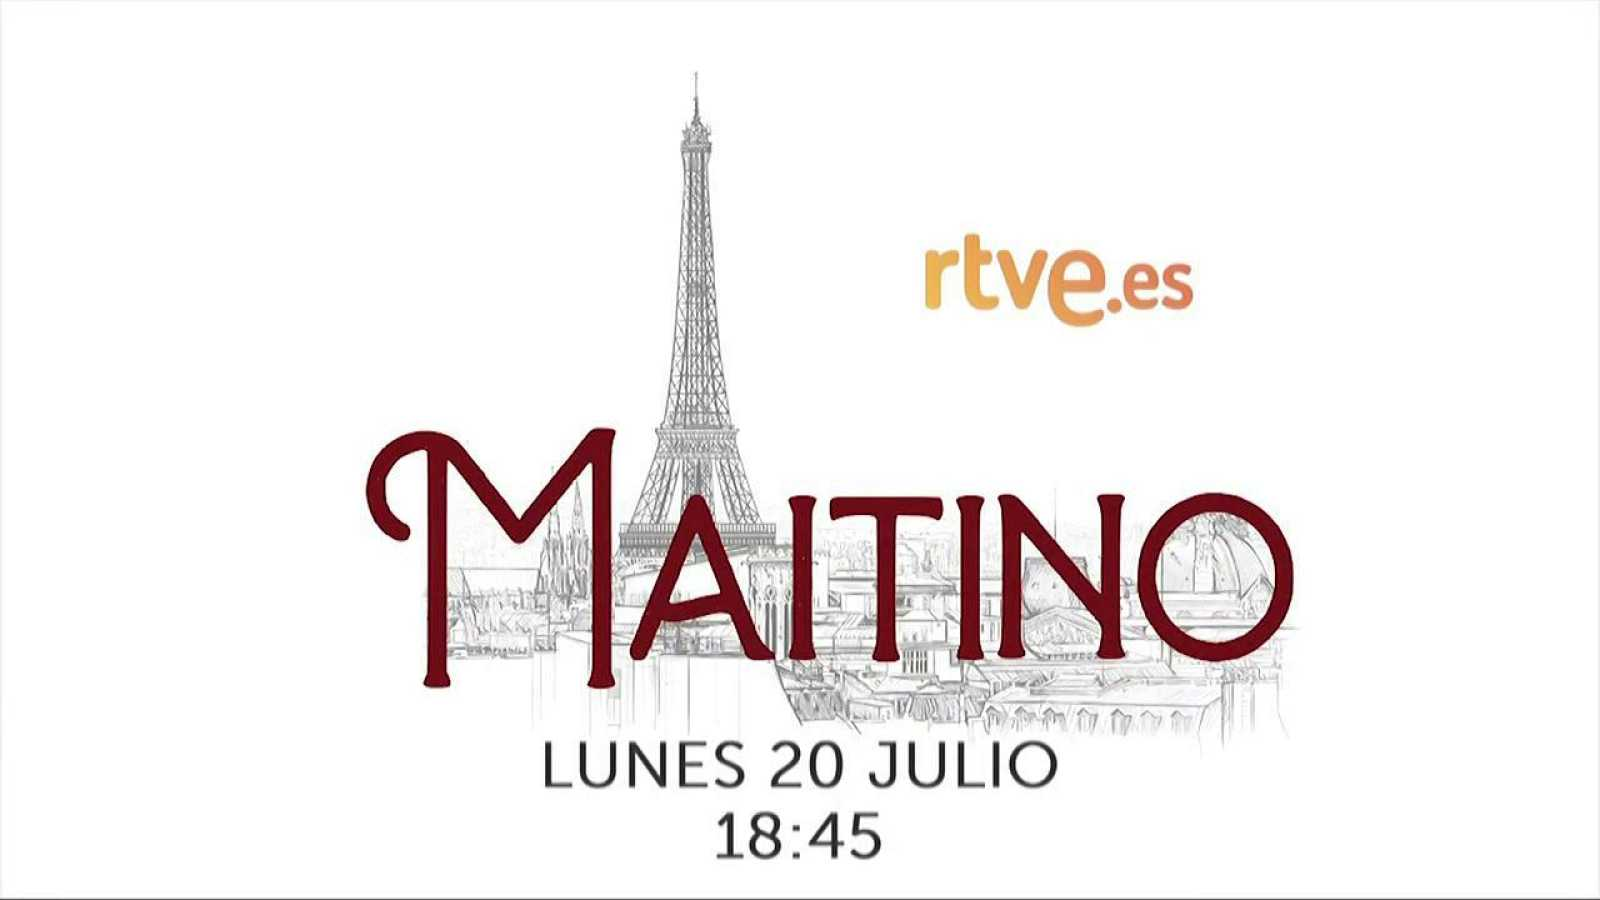 Las redes sociales reaccionan al estreno de Maitino: el podcast